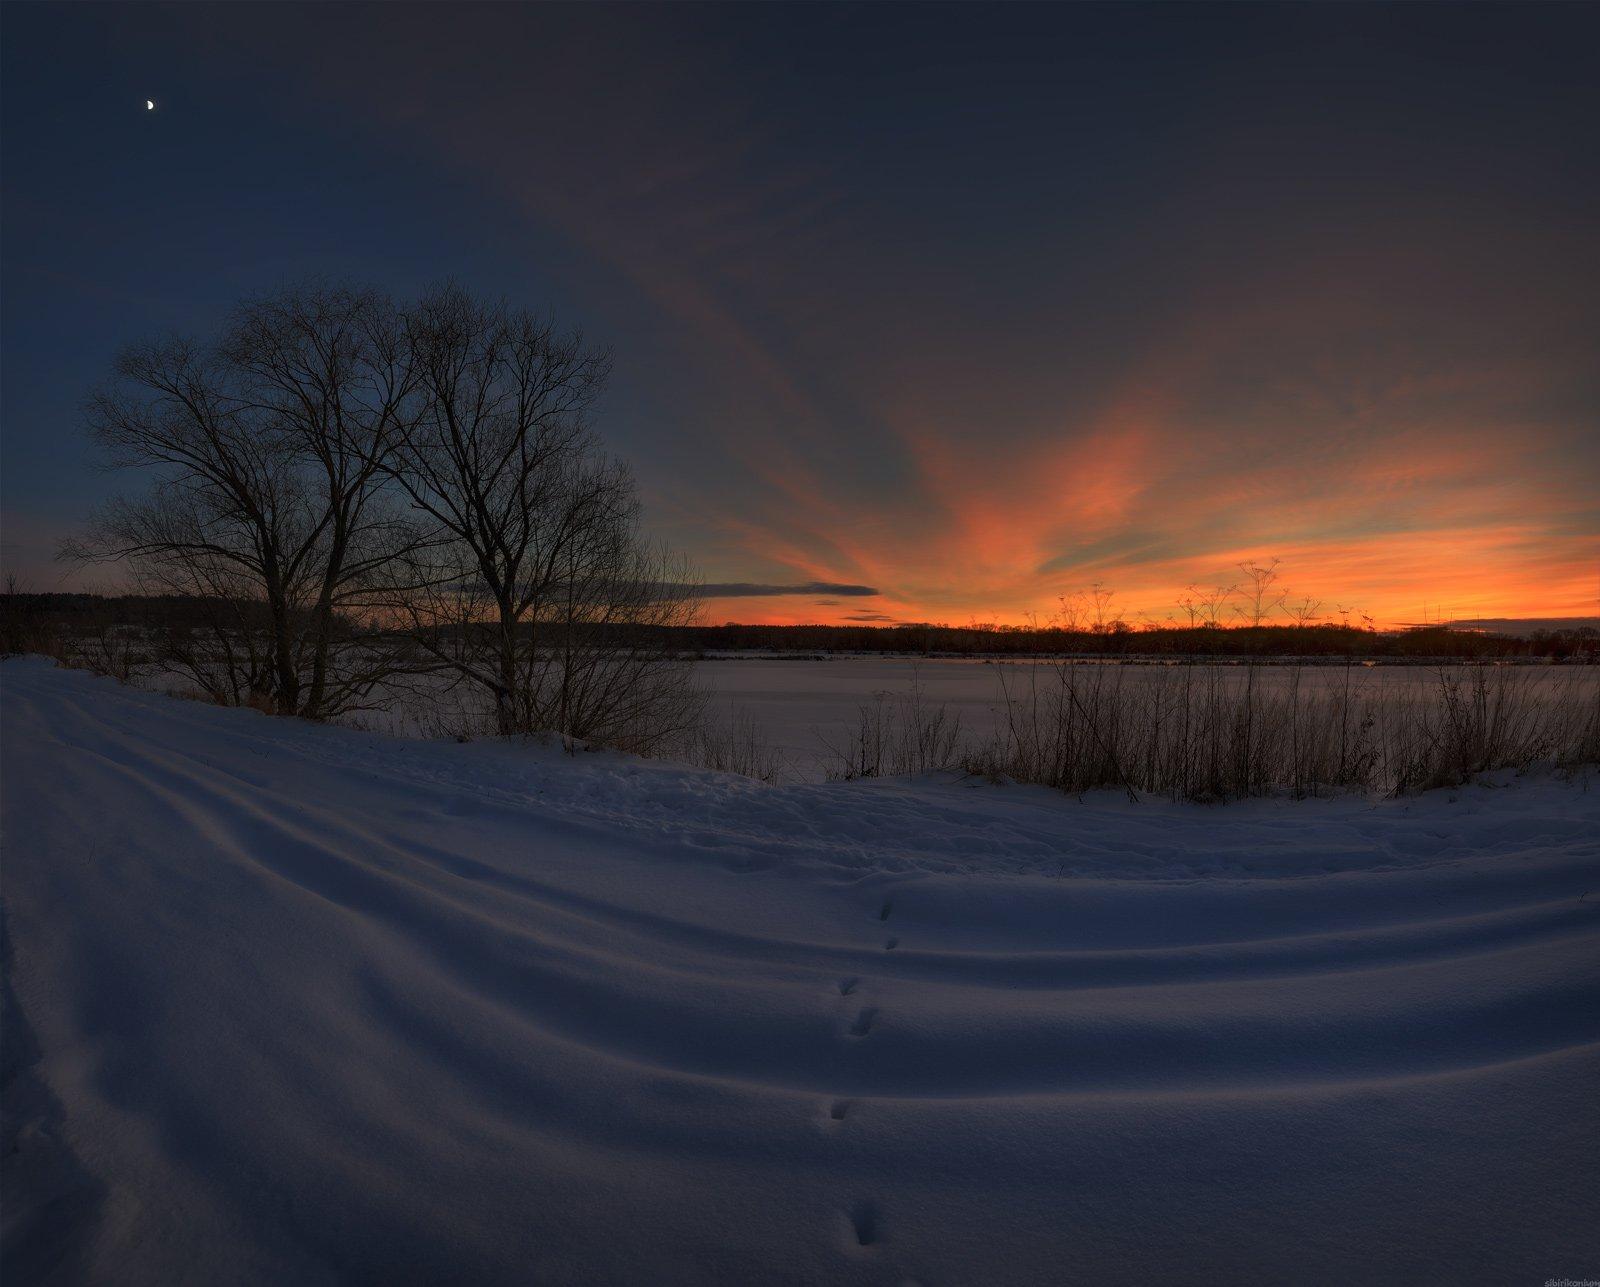 зима пейзаж луна вечер снег закат краски , Морозов Юрий